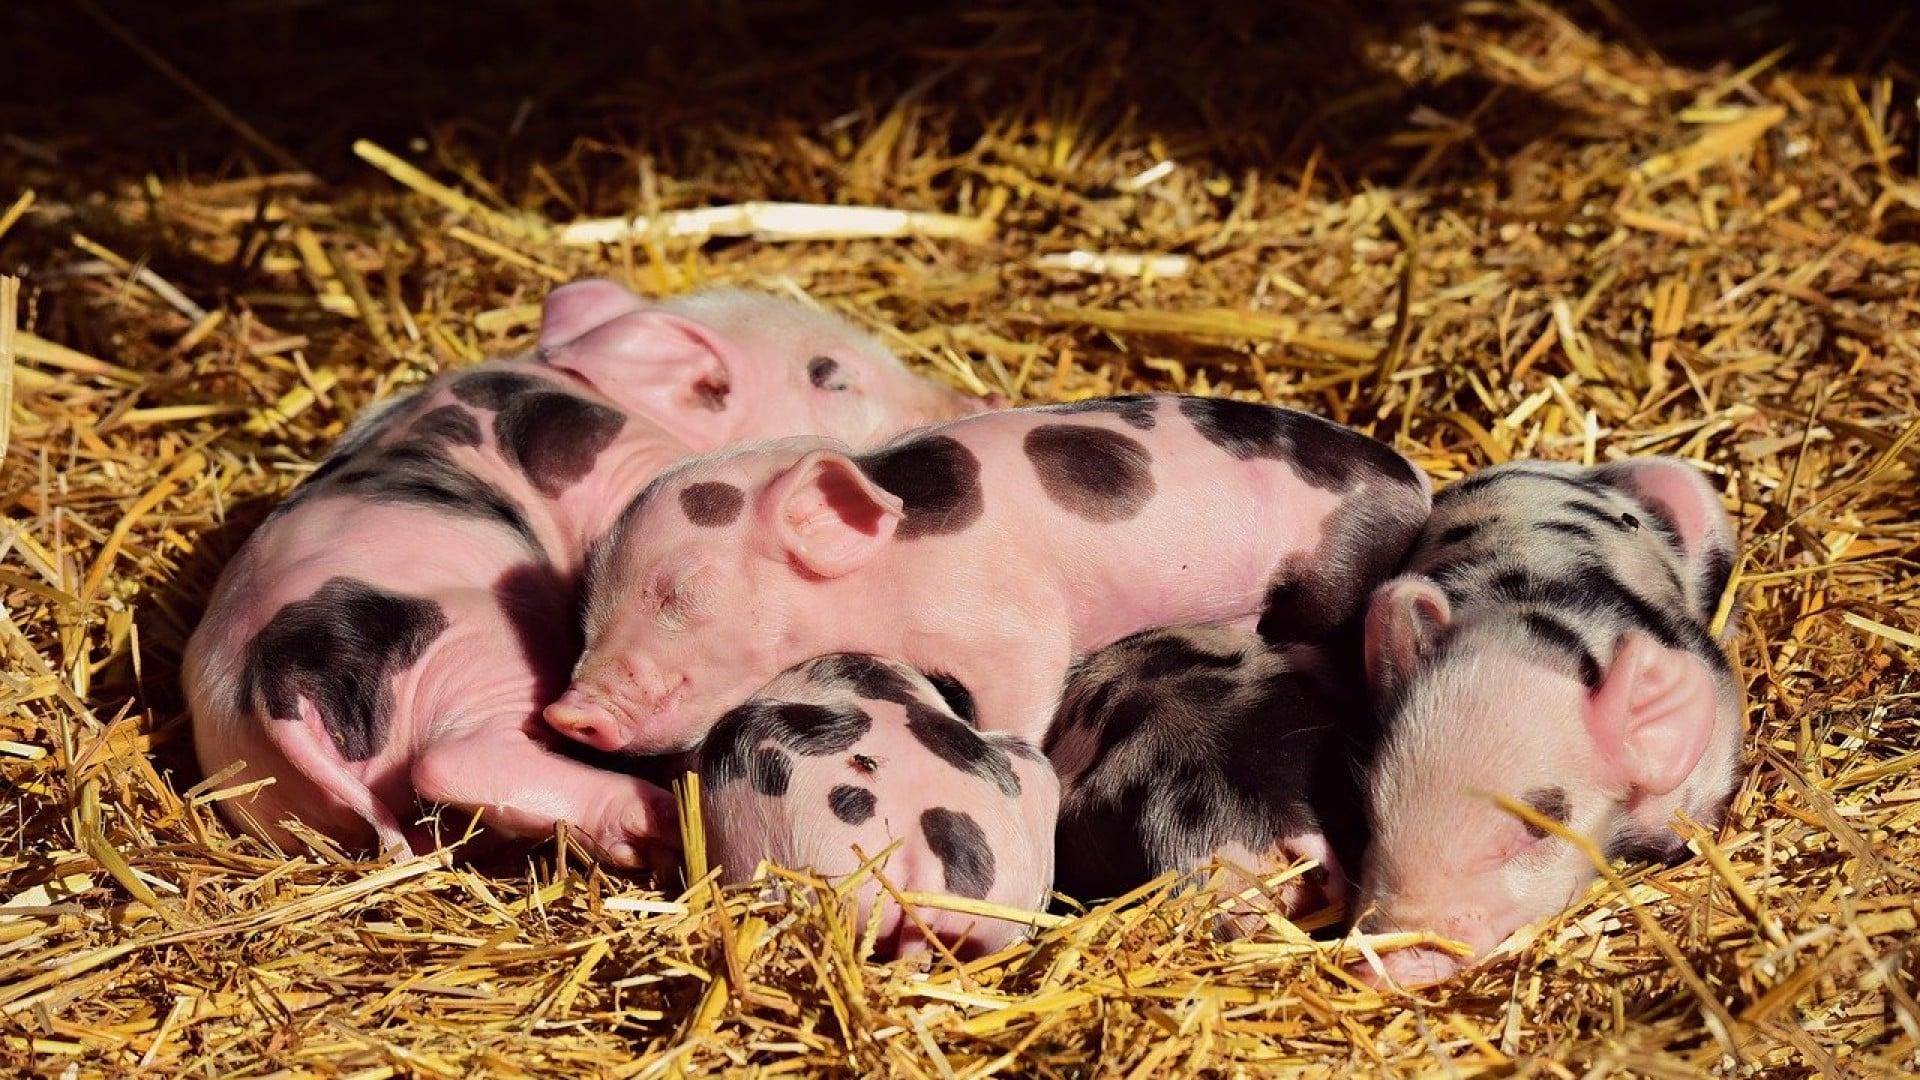 Les cochons issus de l'agriculture durable